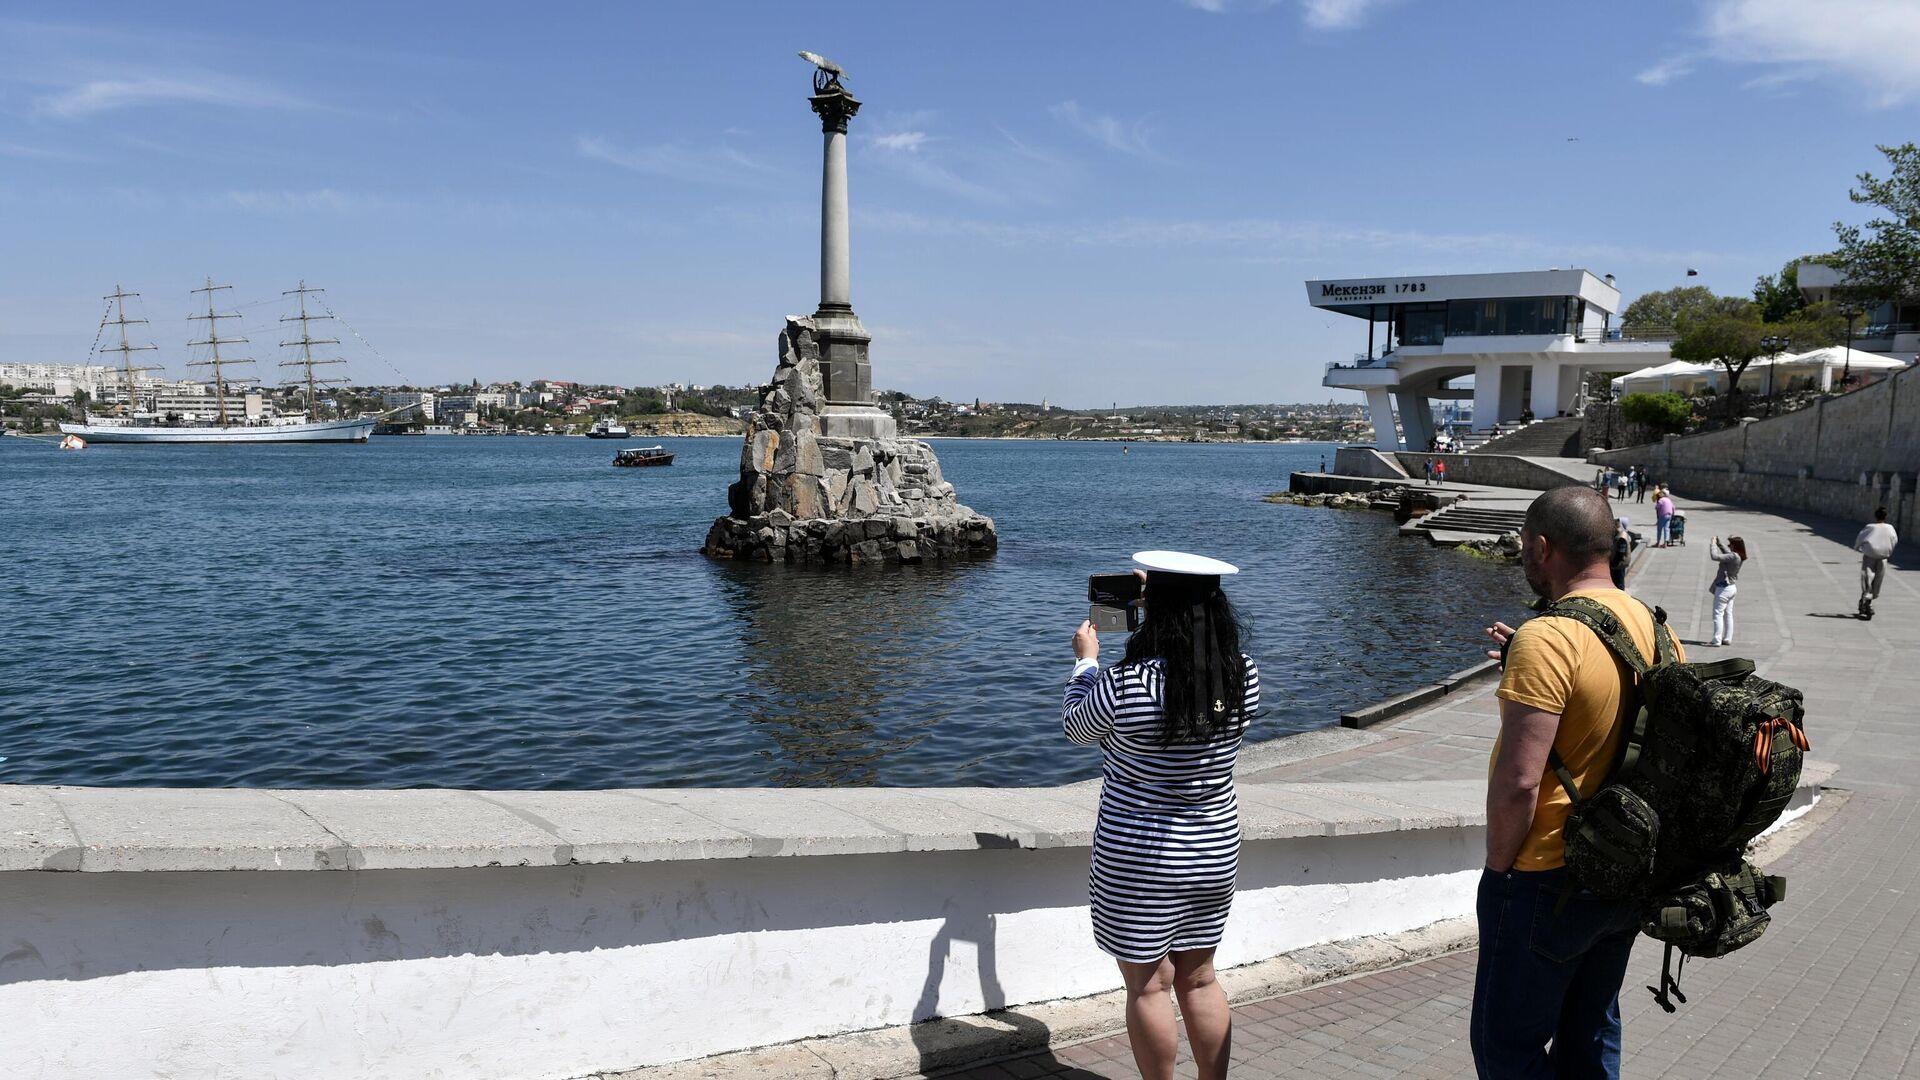 Девушка фотографирует памятник затопленным кораблям в Севастополе - РИА Новости, 1920, 23.07.2021